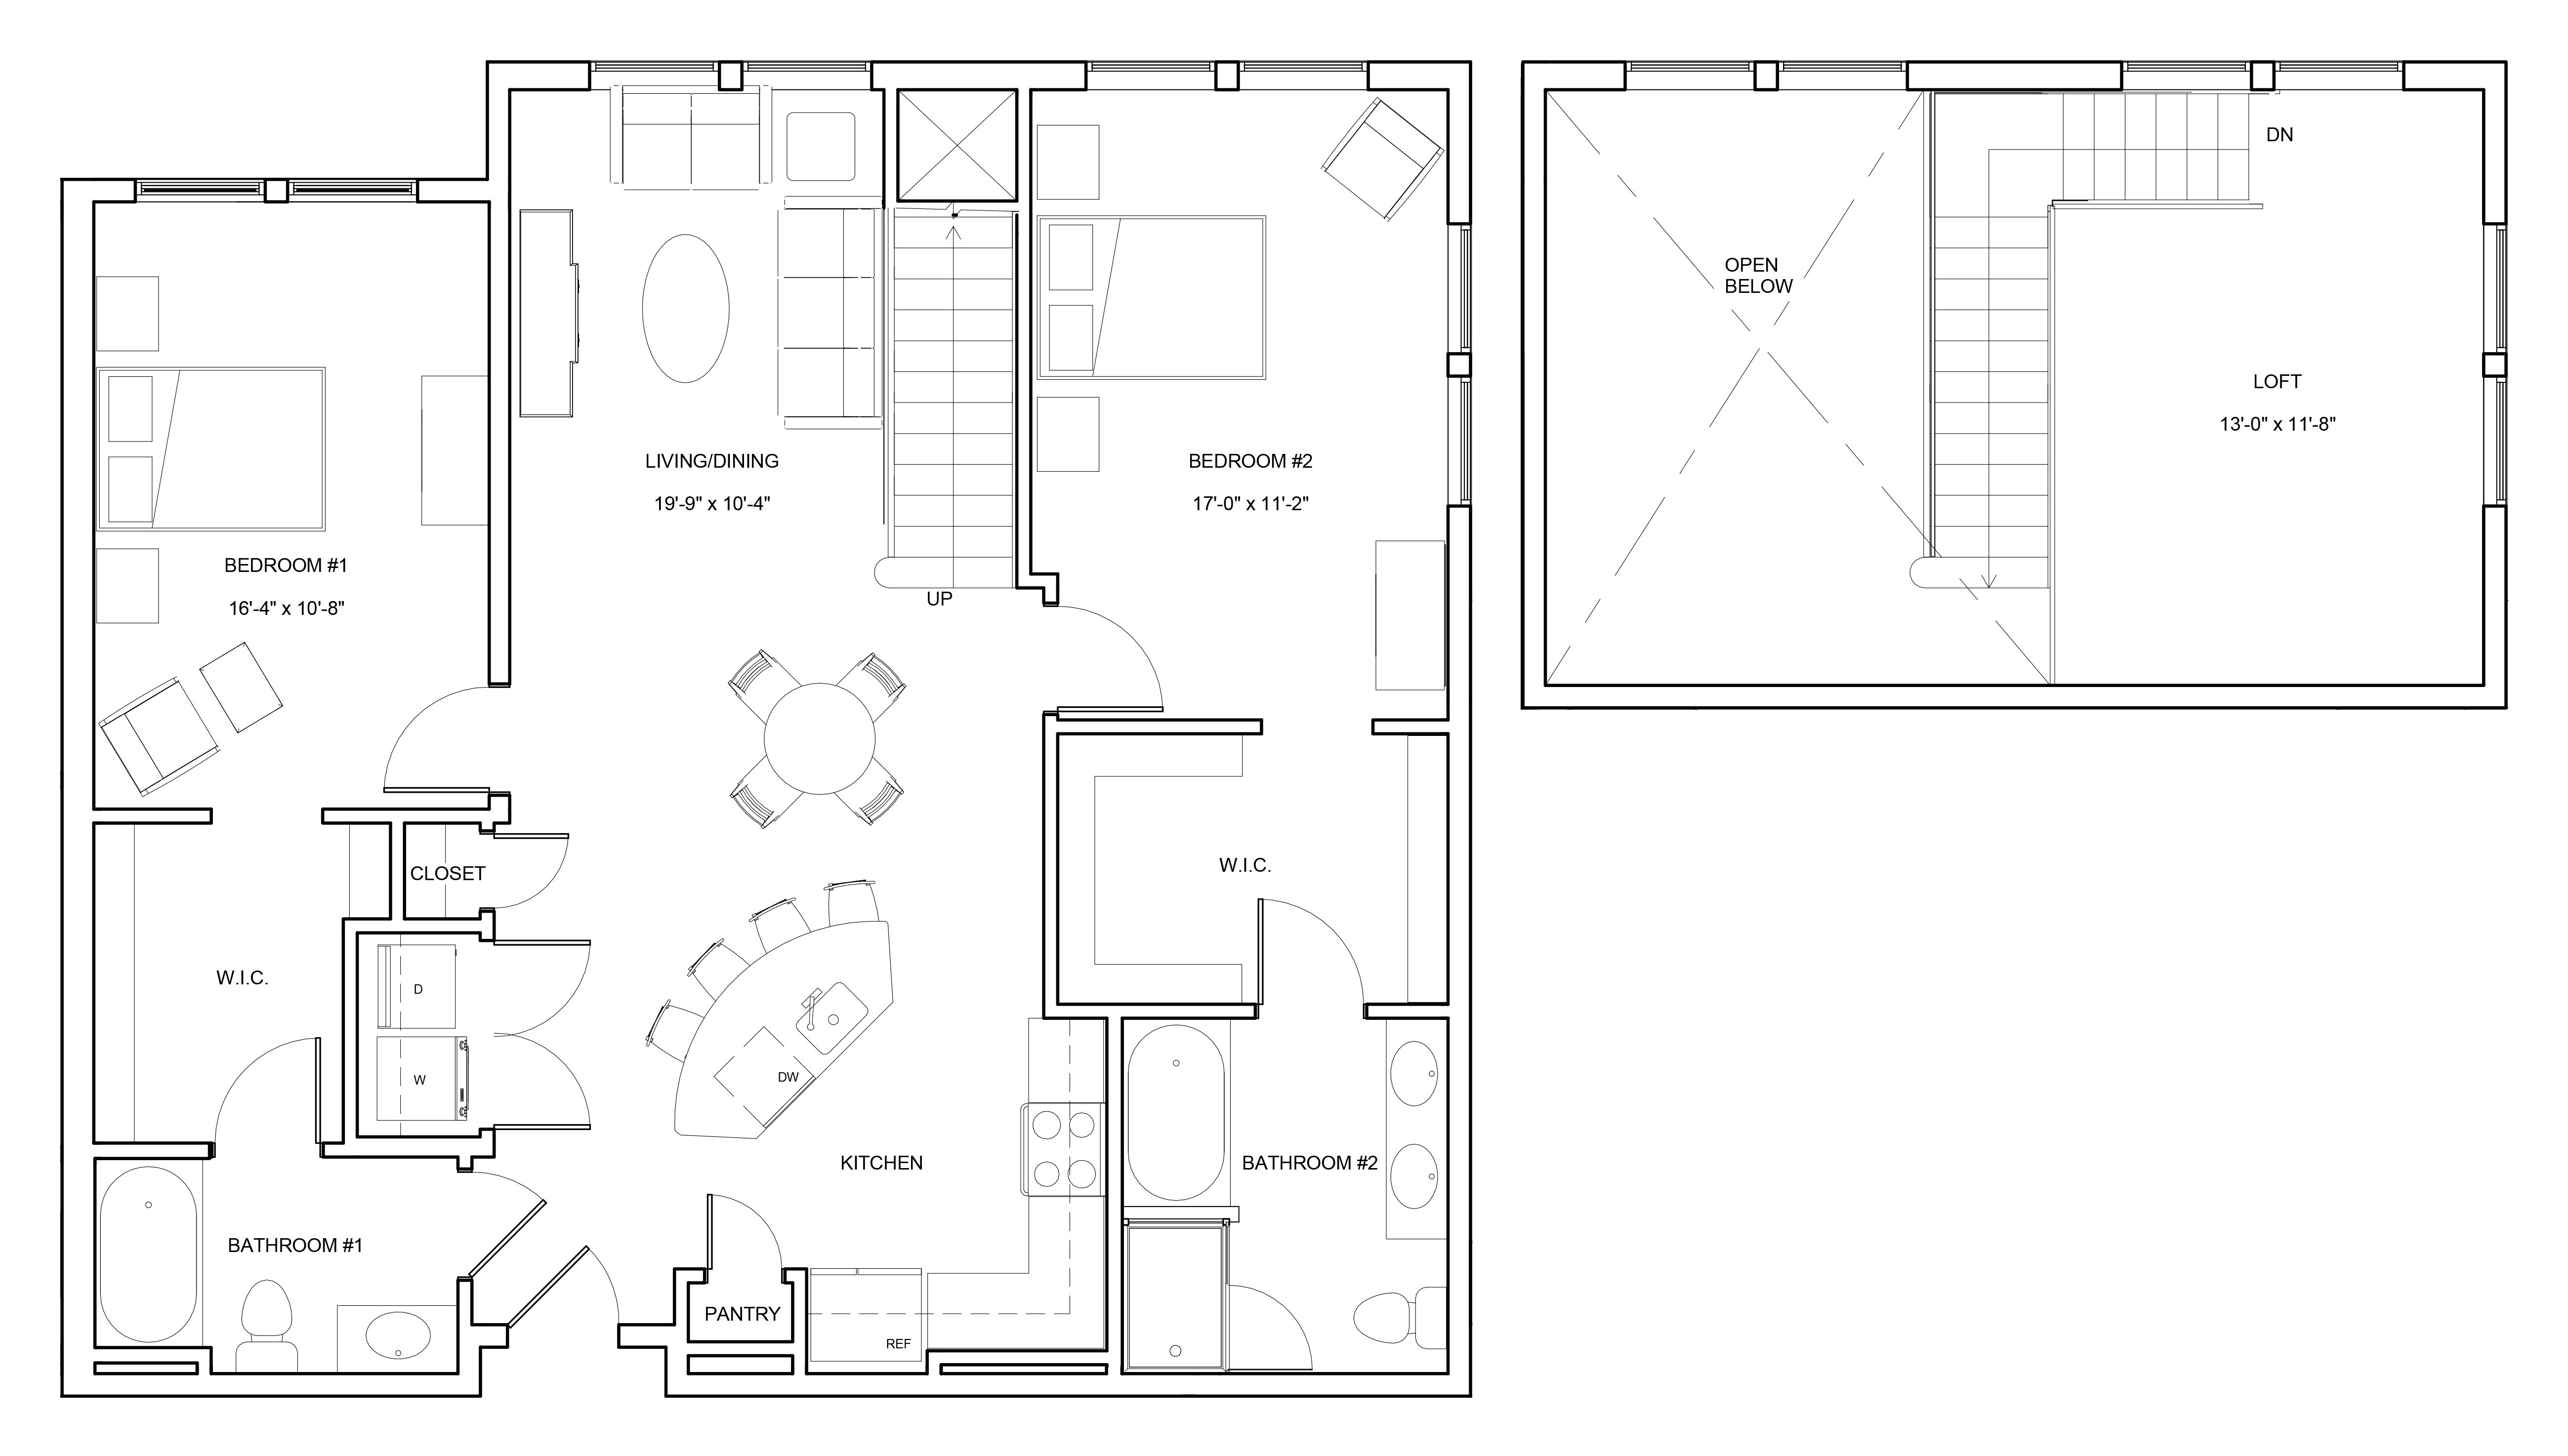 P0663804 b5l 2 floorplan